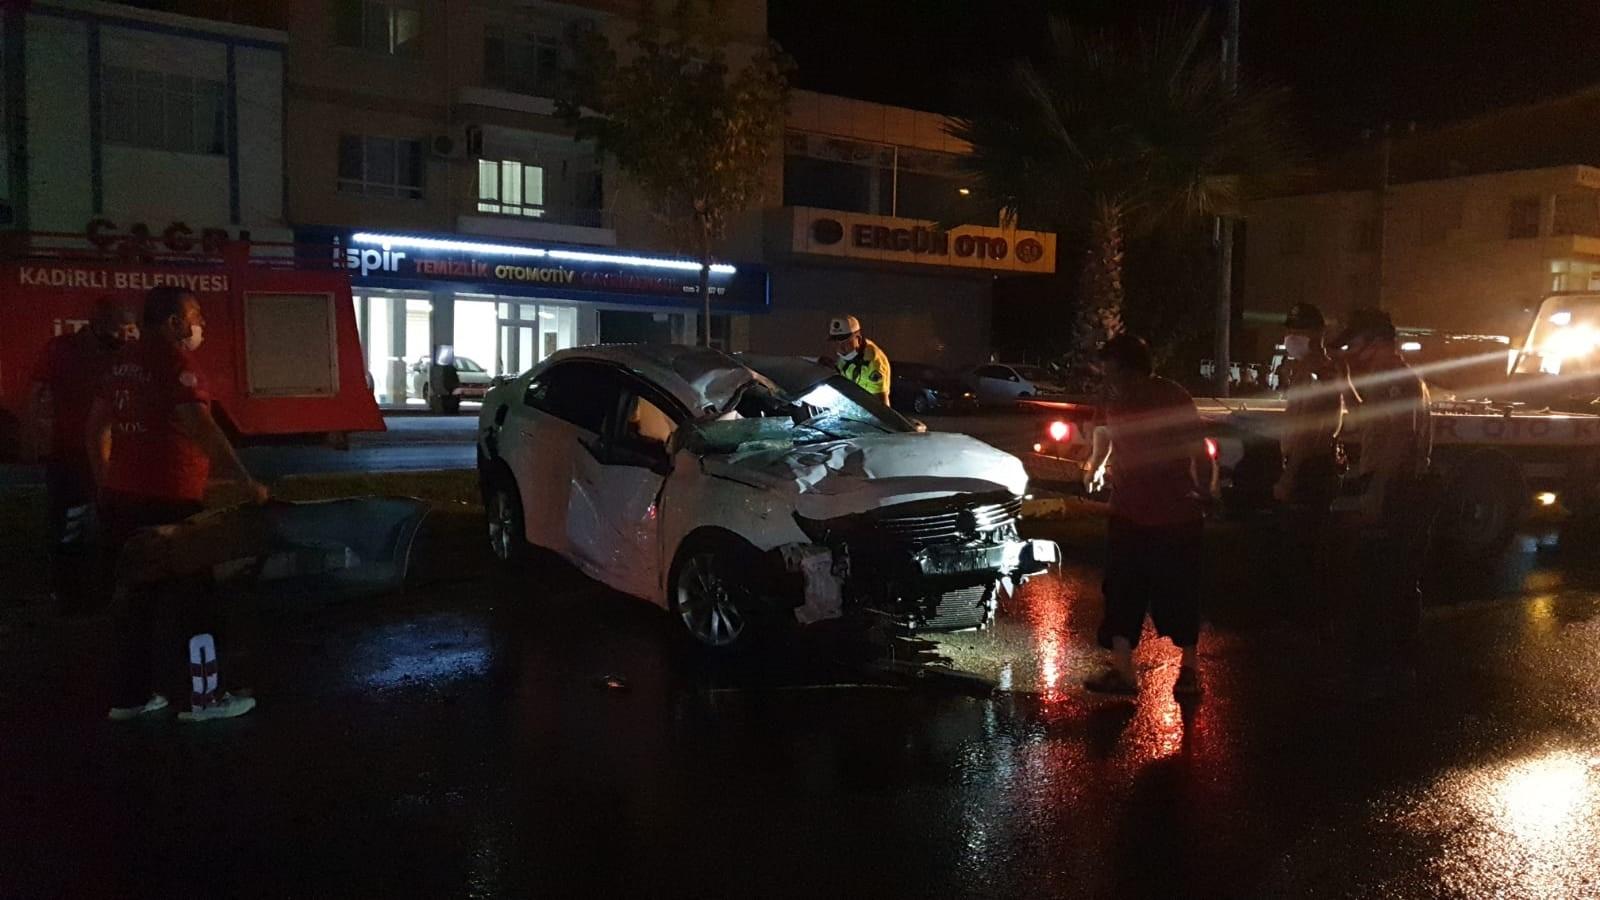 Osmaniye'de otomobil devrildi, 2 kişi yaralandı